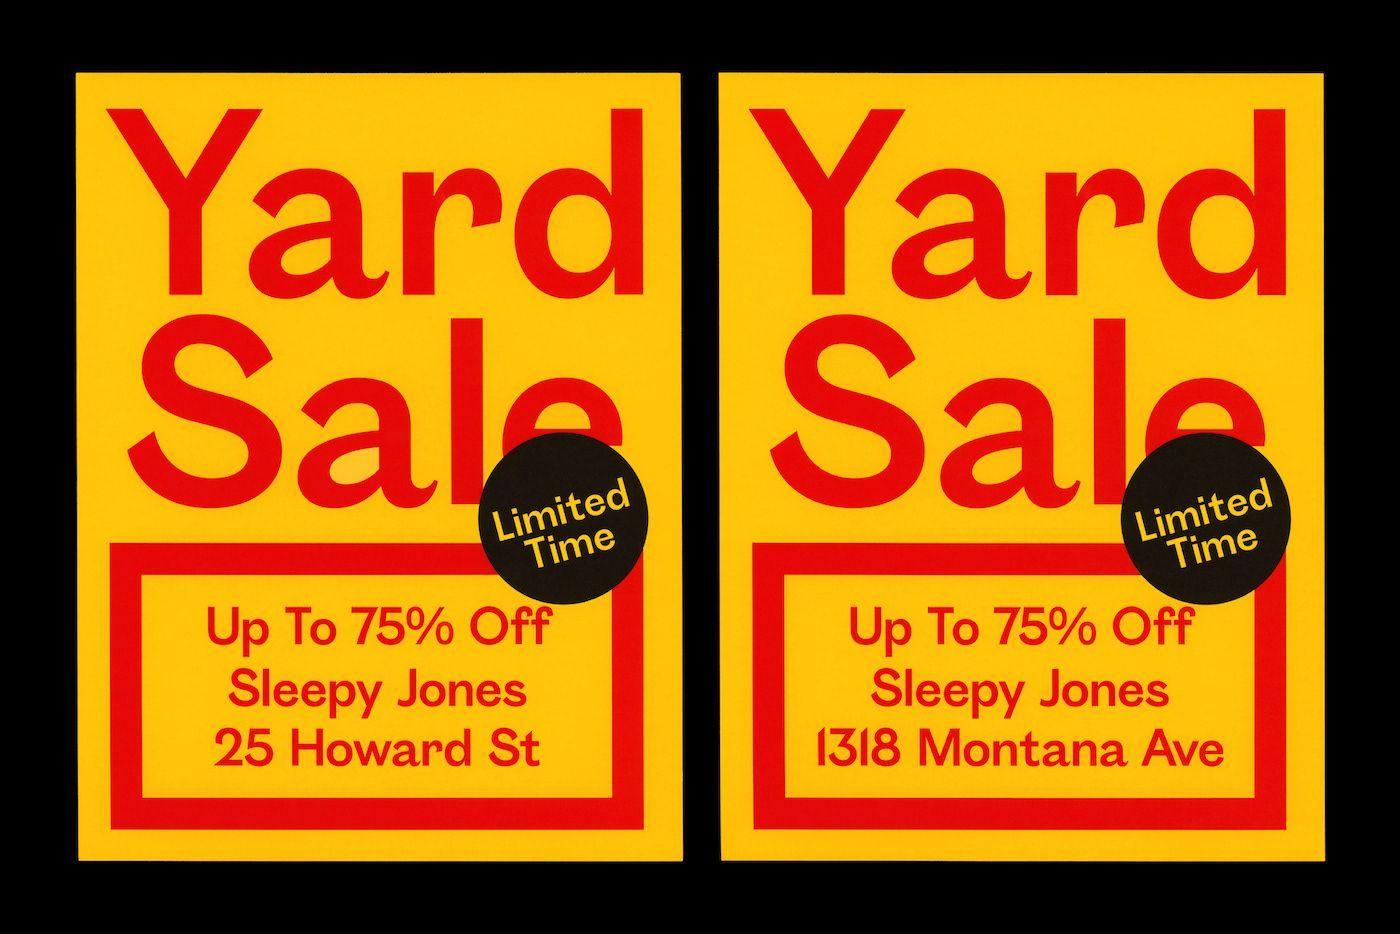 sleepy jones creative yard sale flyer example business flyer